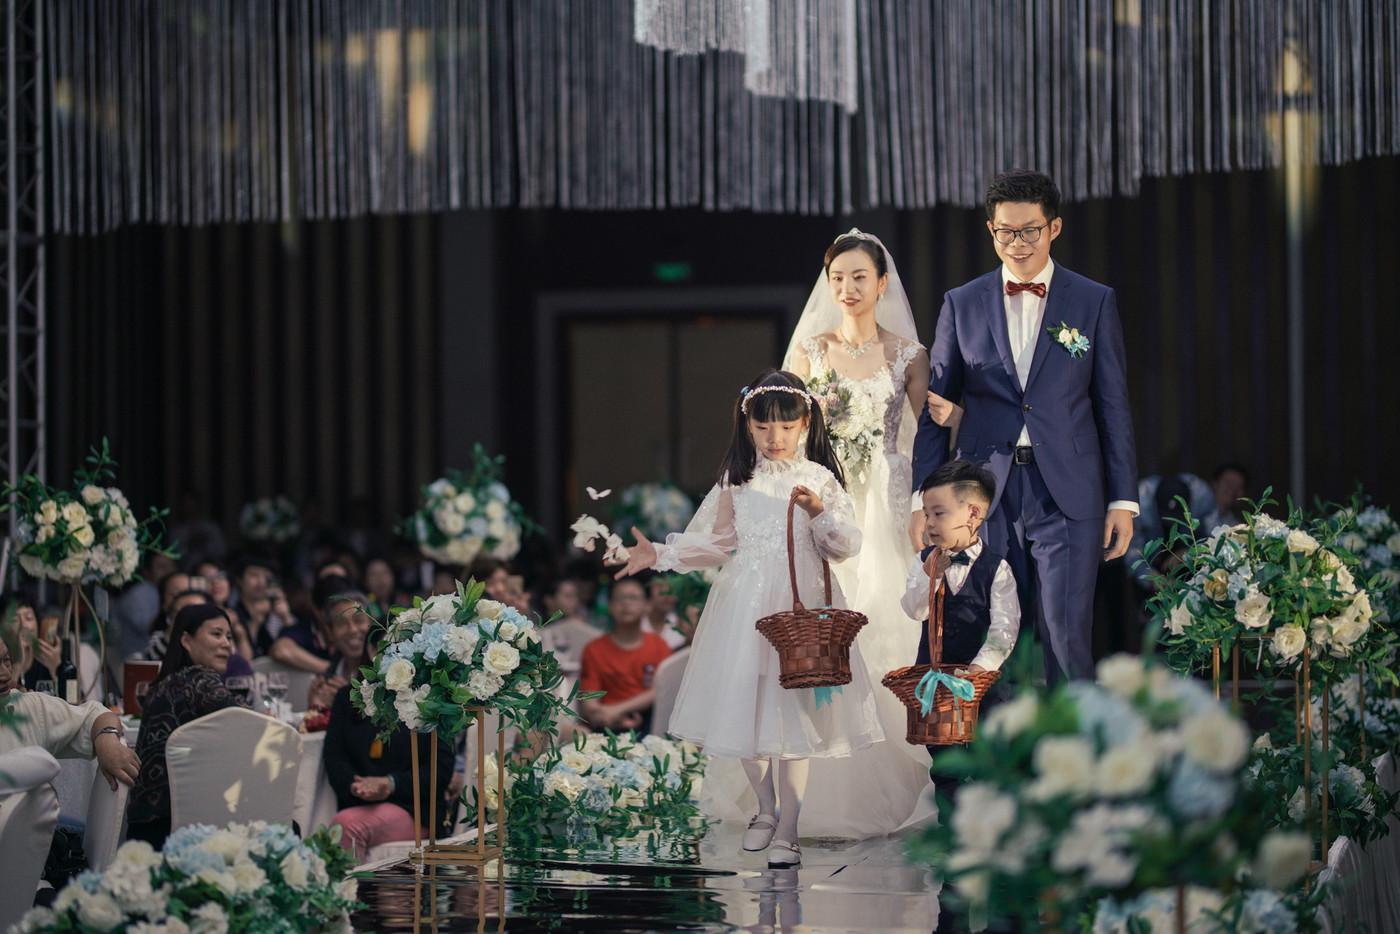 【KAI 婚礼纪实】P&S 南京婚礼55